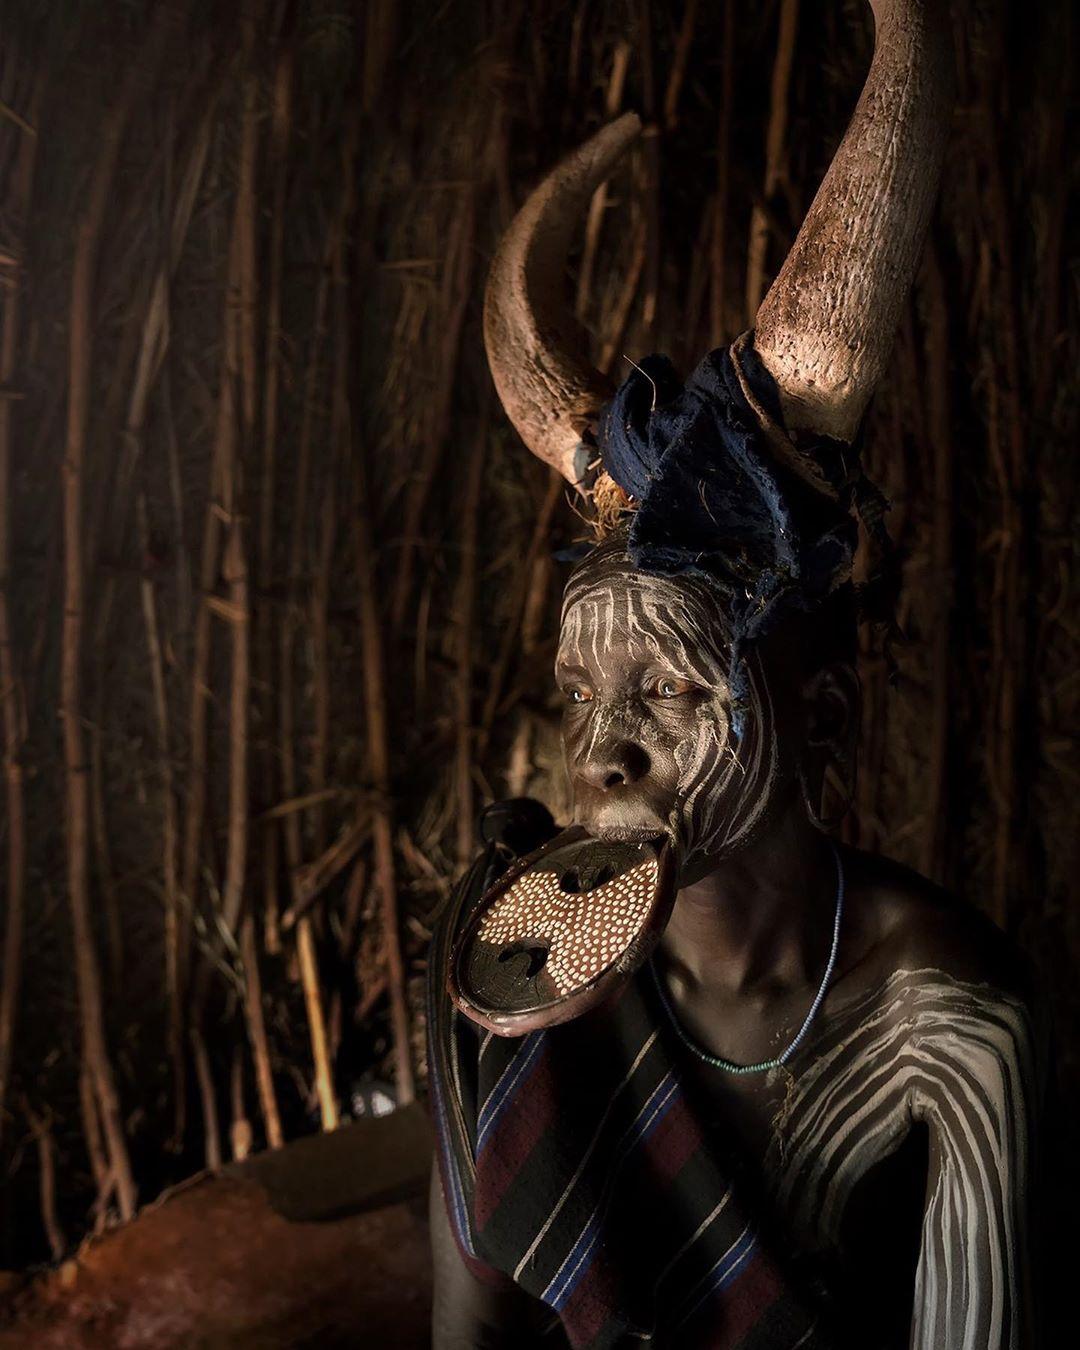 Колоритные снимки представителей племени Сури из Эфиопии